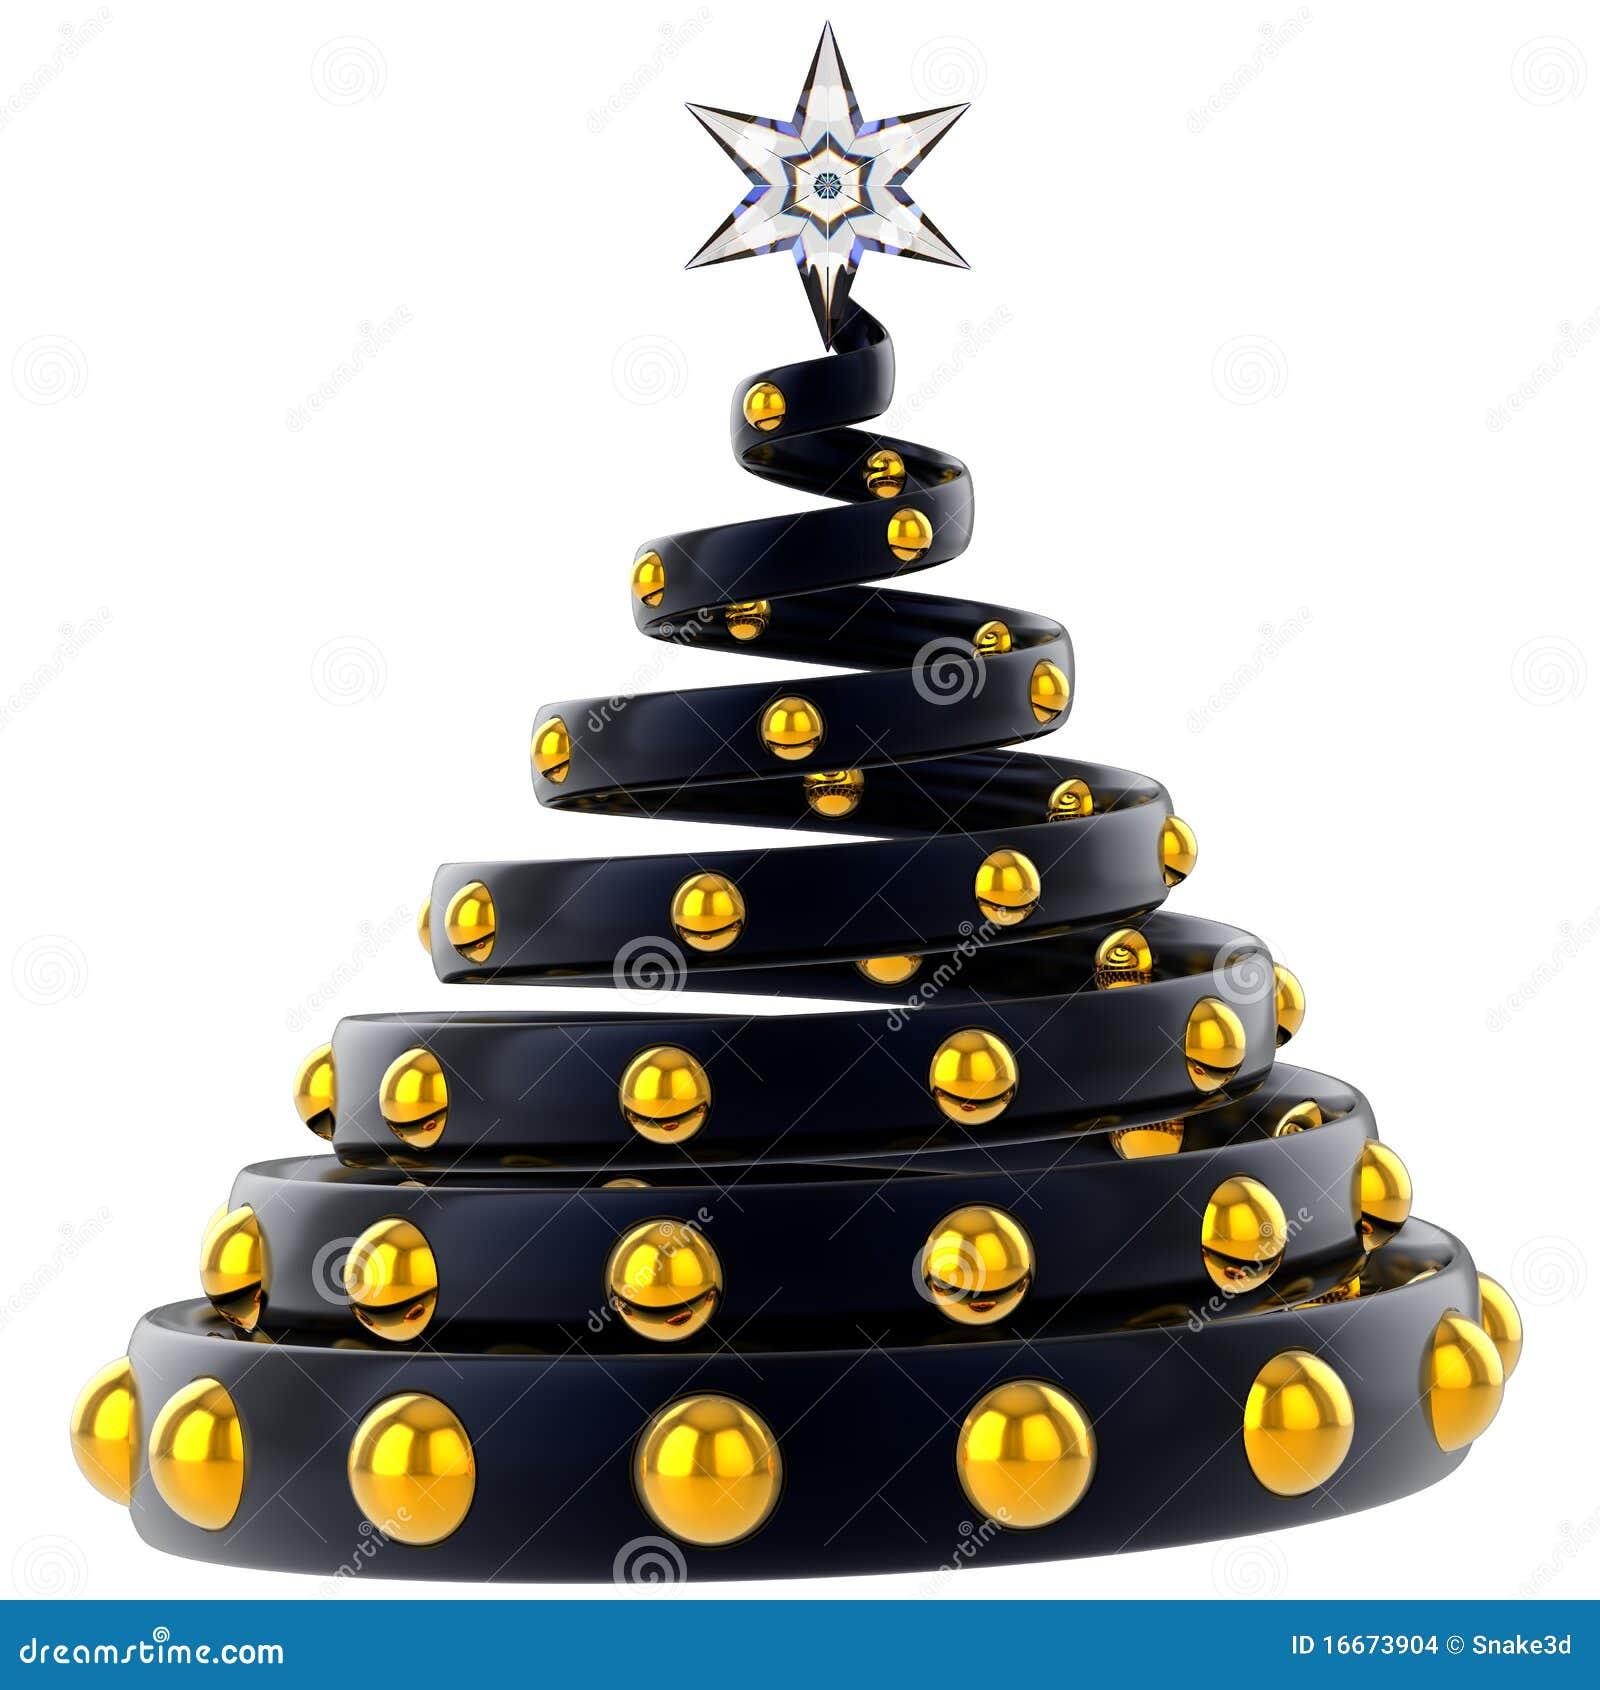 Moderner weihnachtsbaum stilisiert mieten stockbilder bild 16673904 - Schwarzer weihnachtsbaum ...